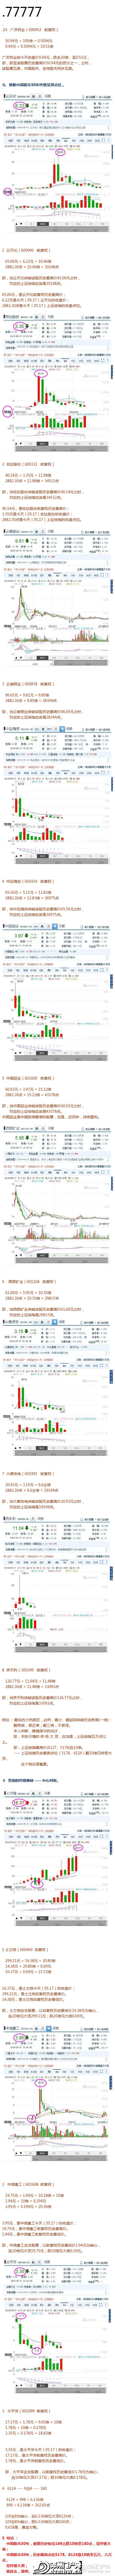 云脉访客管理系统升级企业访客管理 - 邓州门户网 邓州网 - 32225669_201905221504350818218293.png